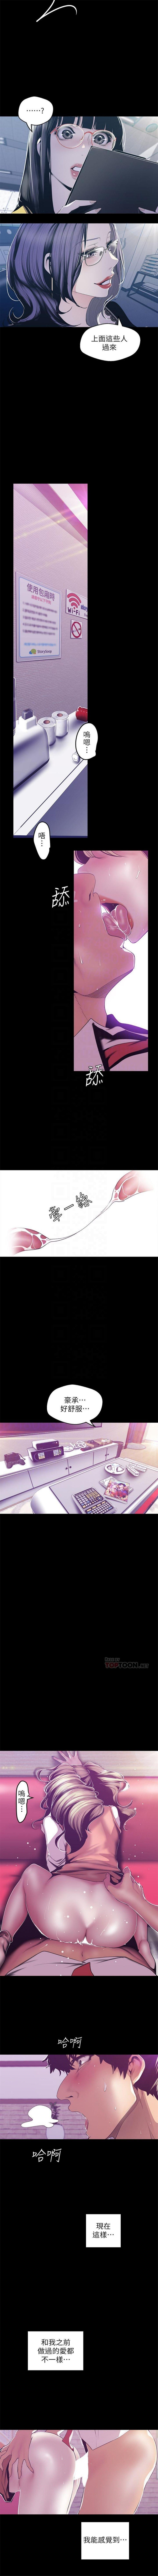 (週1)美麗新世界 1-76 中文翻譯 (更新中) 589